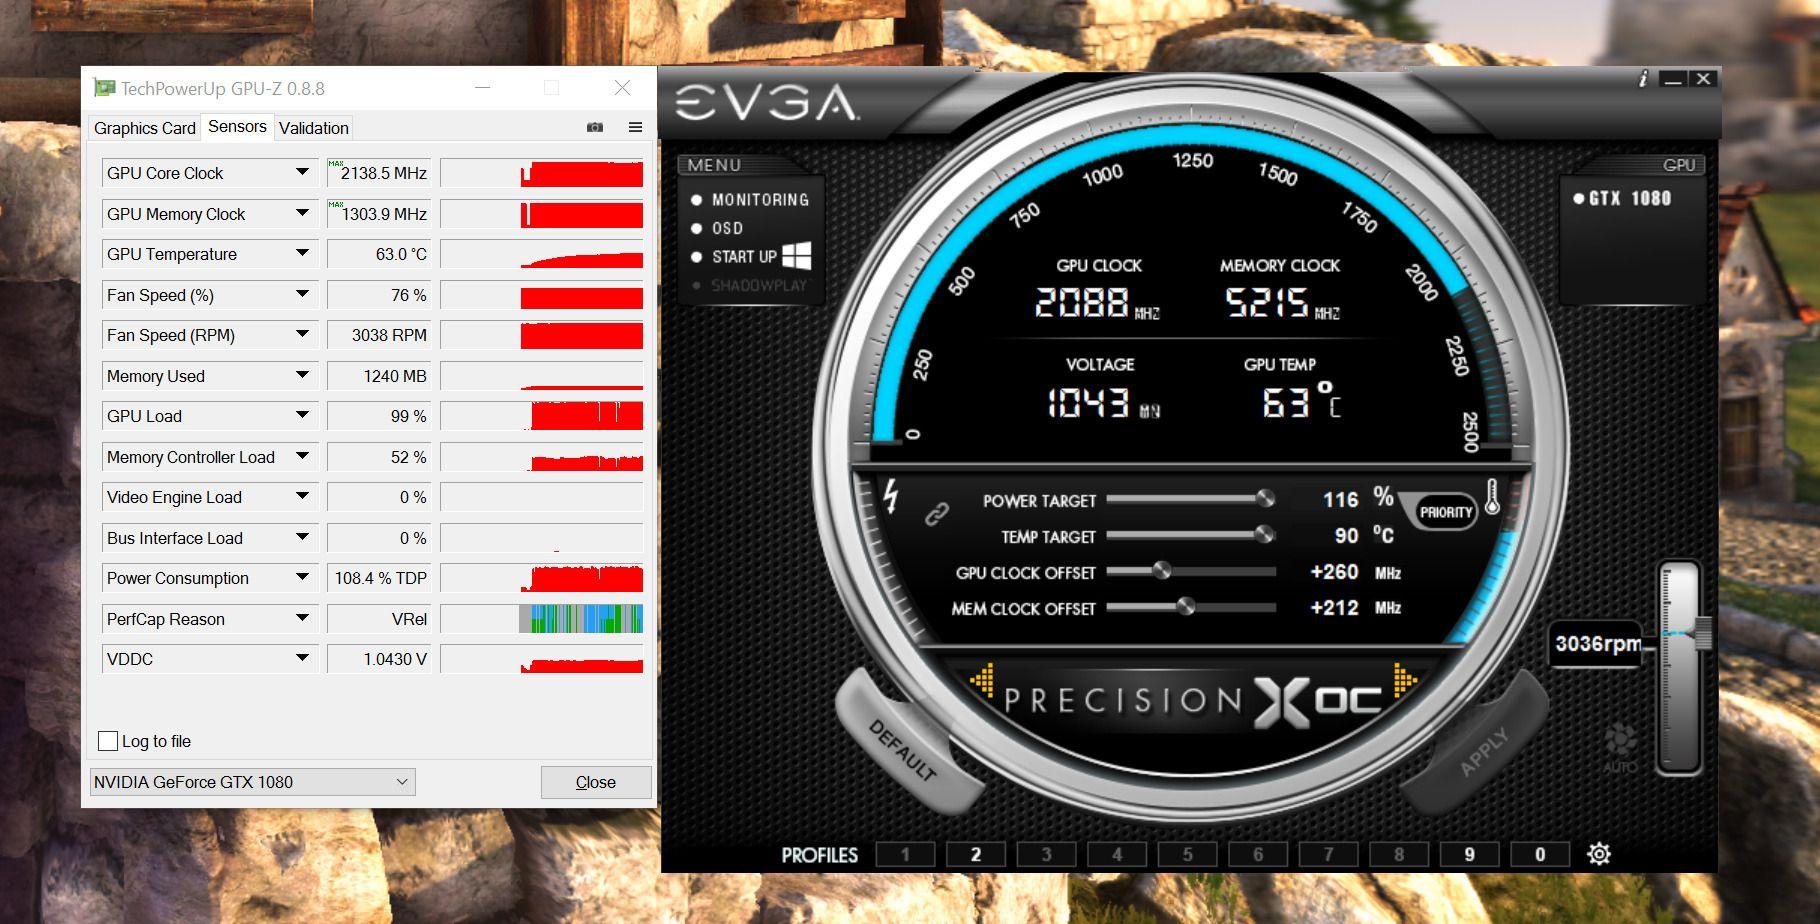 Her benytter vi monitoreringsverktøyet GPU-Z og overklokkingsverktøyet PrecisionX OC fra EVGA for å presse de siste skjulte kreftene ut av vårt GTX 1080. I bakgrunn kjører måleverktøyet HeavenBenchmark, som kontrollerer at grafikkortet vårt klarer å regne riktig selv under høyt press.